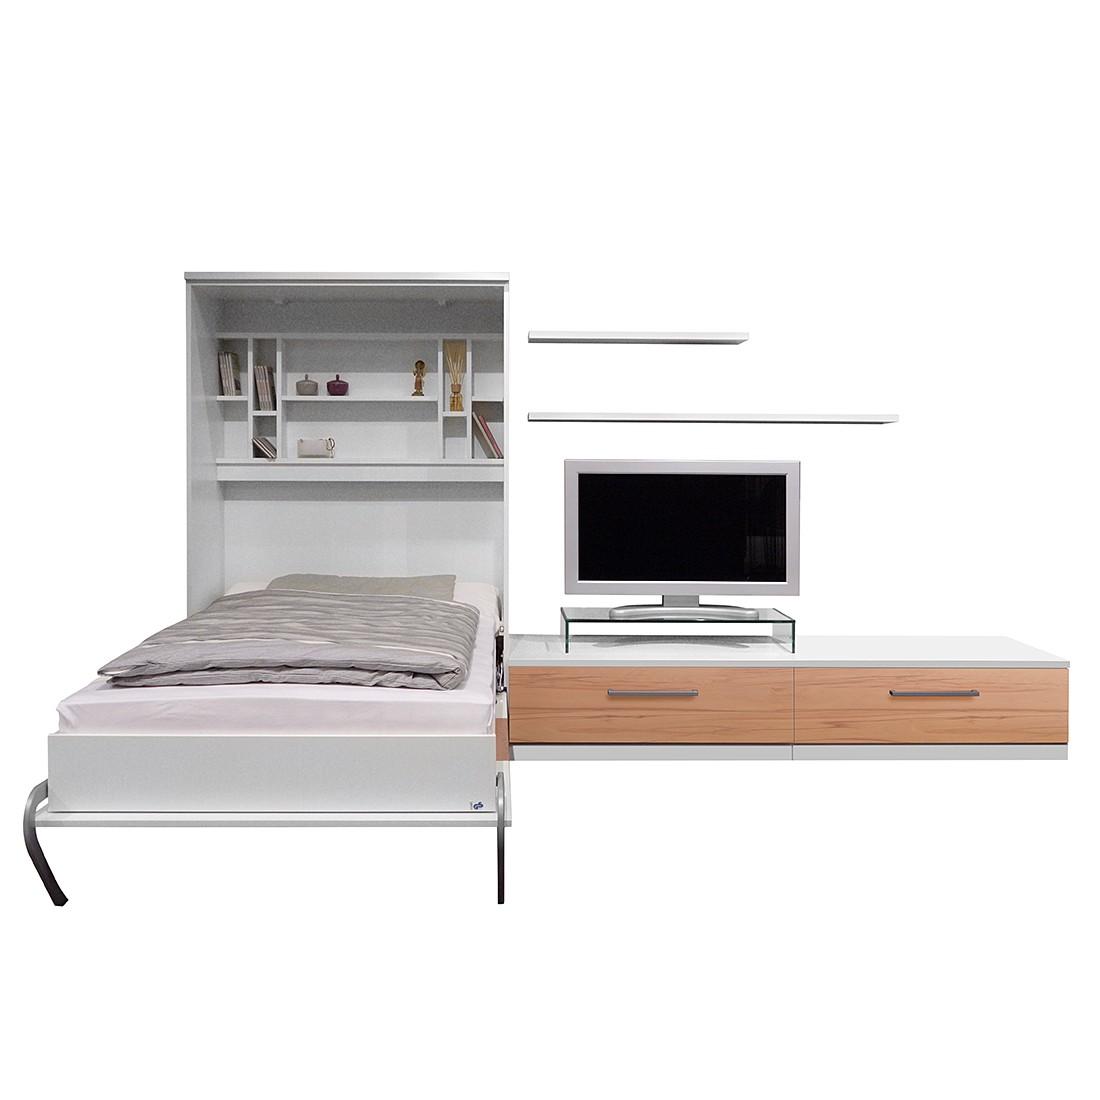 Wandklapbed combinatie Majano - 140 x 205 cm - Schuimstofmatras - Wit/kernbeukenhout, loftscape